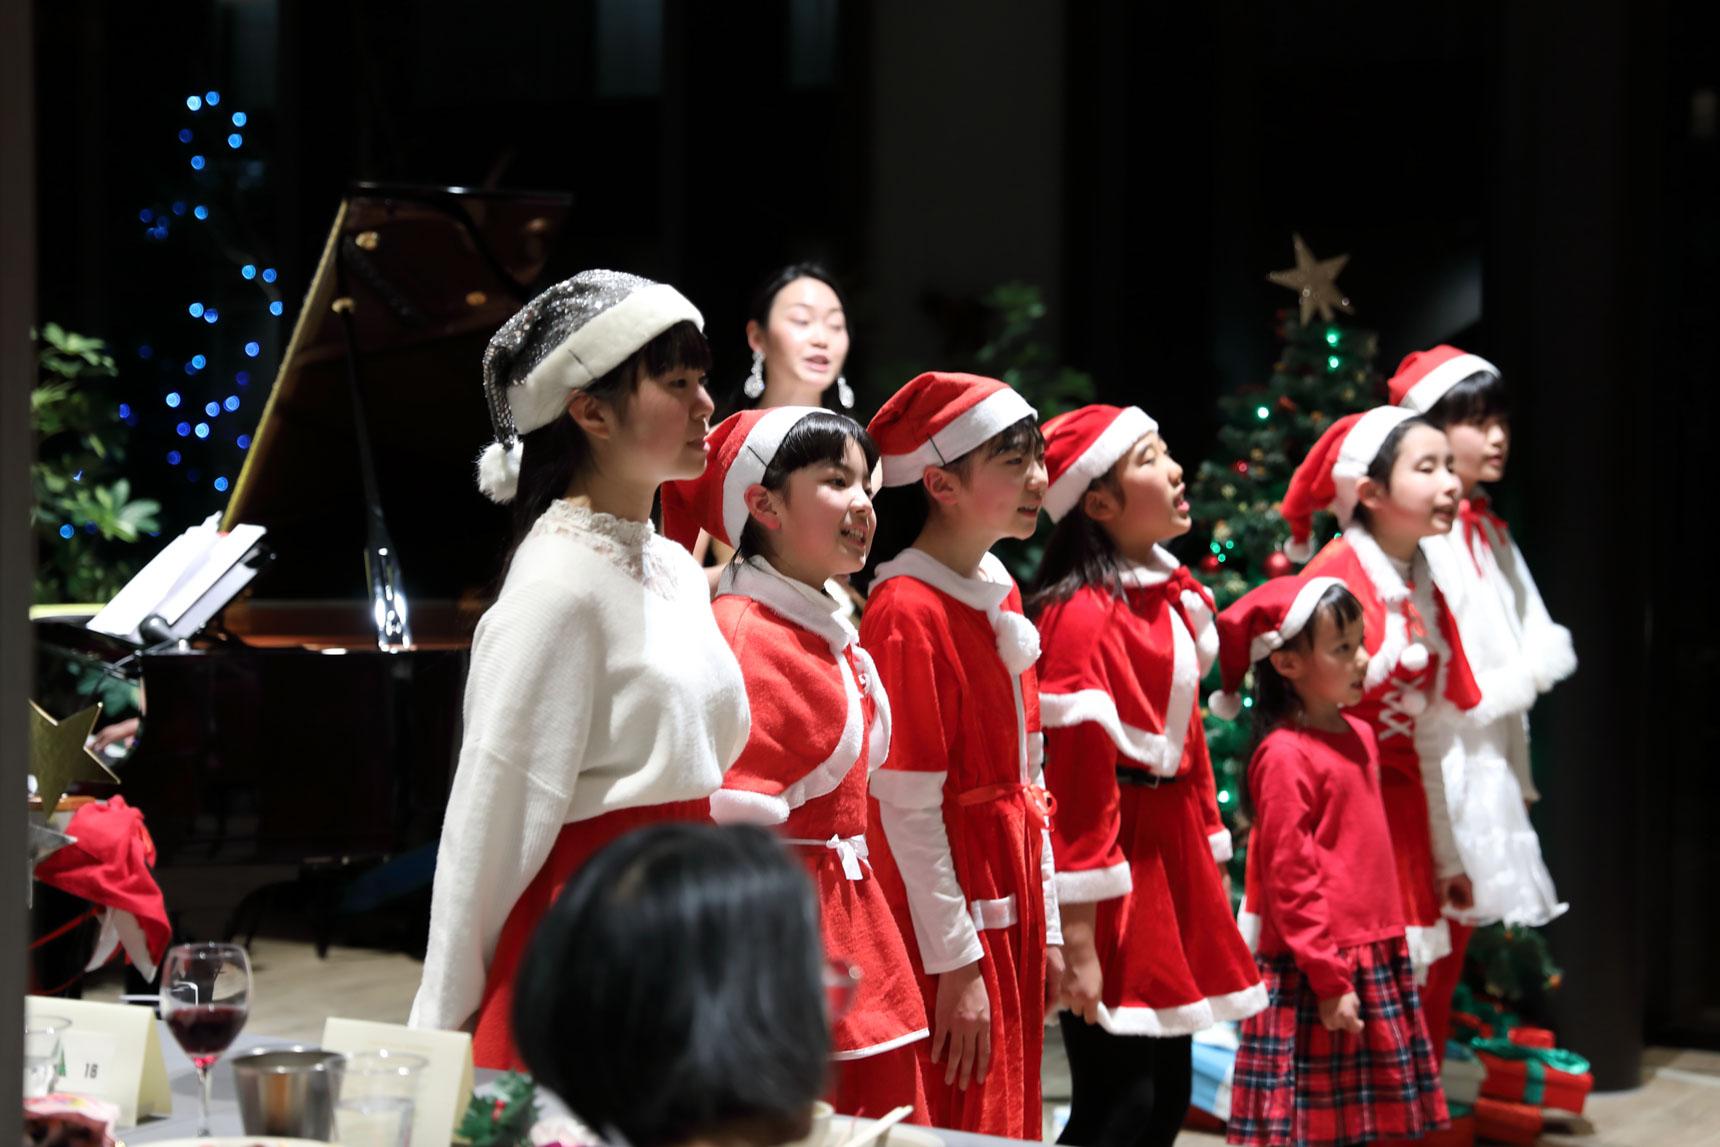 12/24には「えごたいえ」でクリスマスの音楽会が開かれました。ビュッフェスタイルでお食事や飲み物をいただきながら、ピアノの生演奏でクリスマスソングを楽しみます。(写真提供:NPO法人ZEROキッズ)